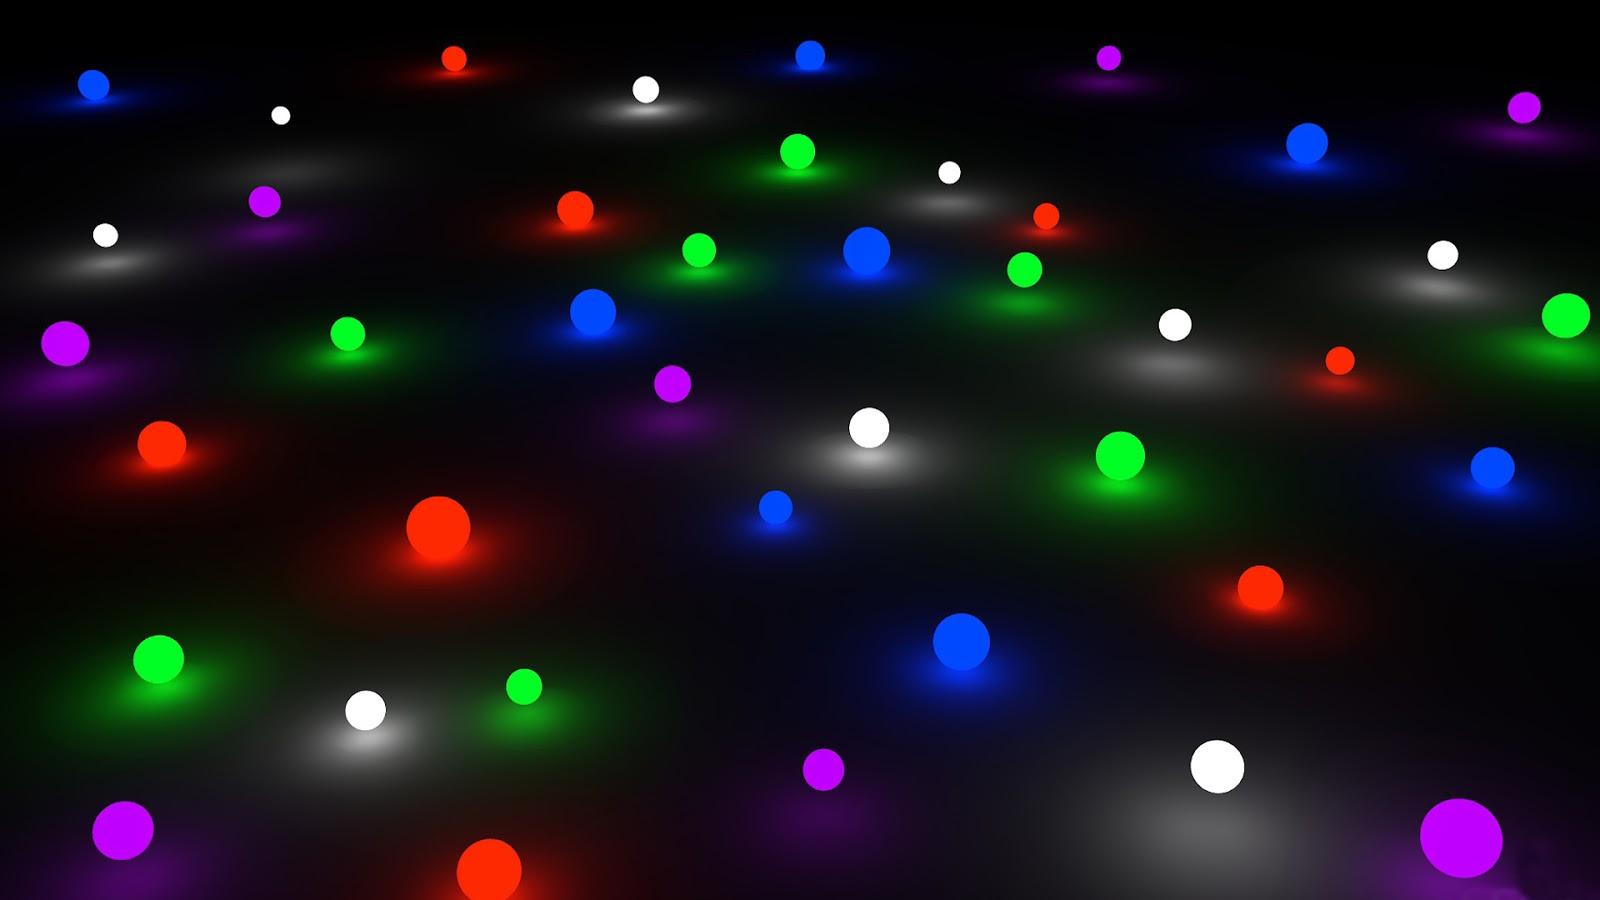 Hd Hd Glow